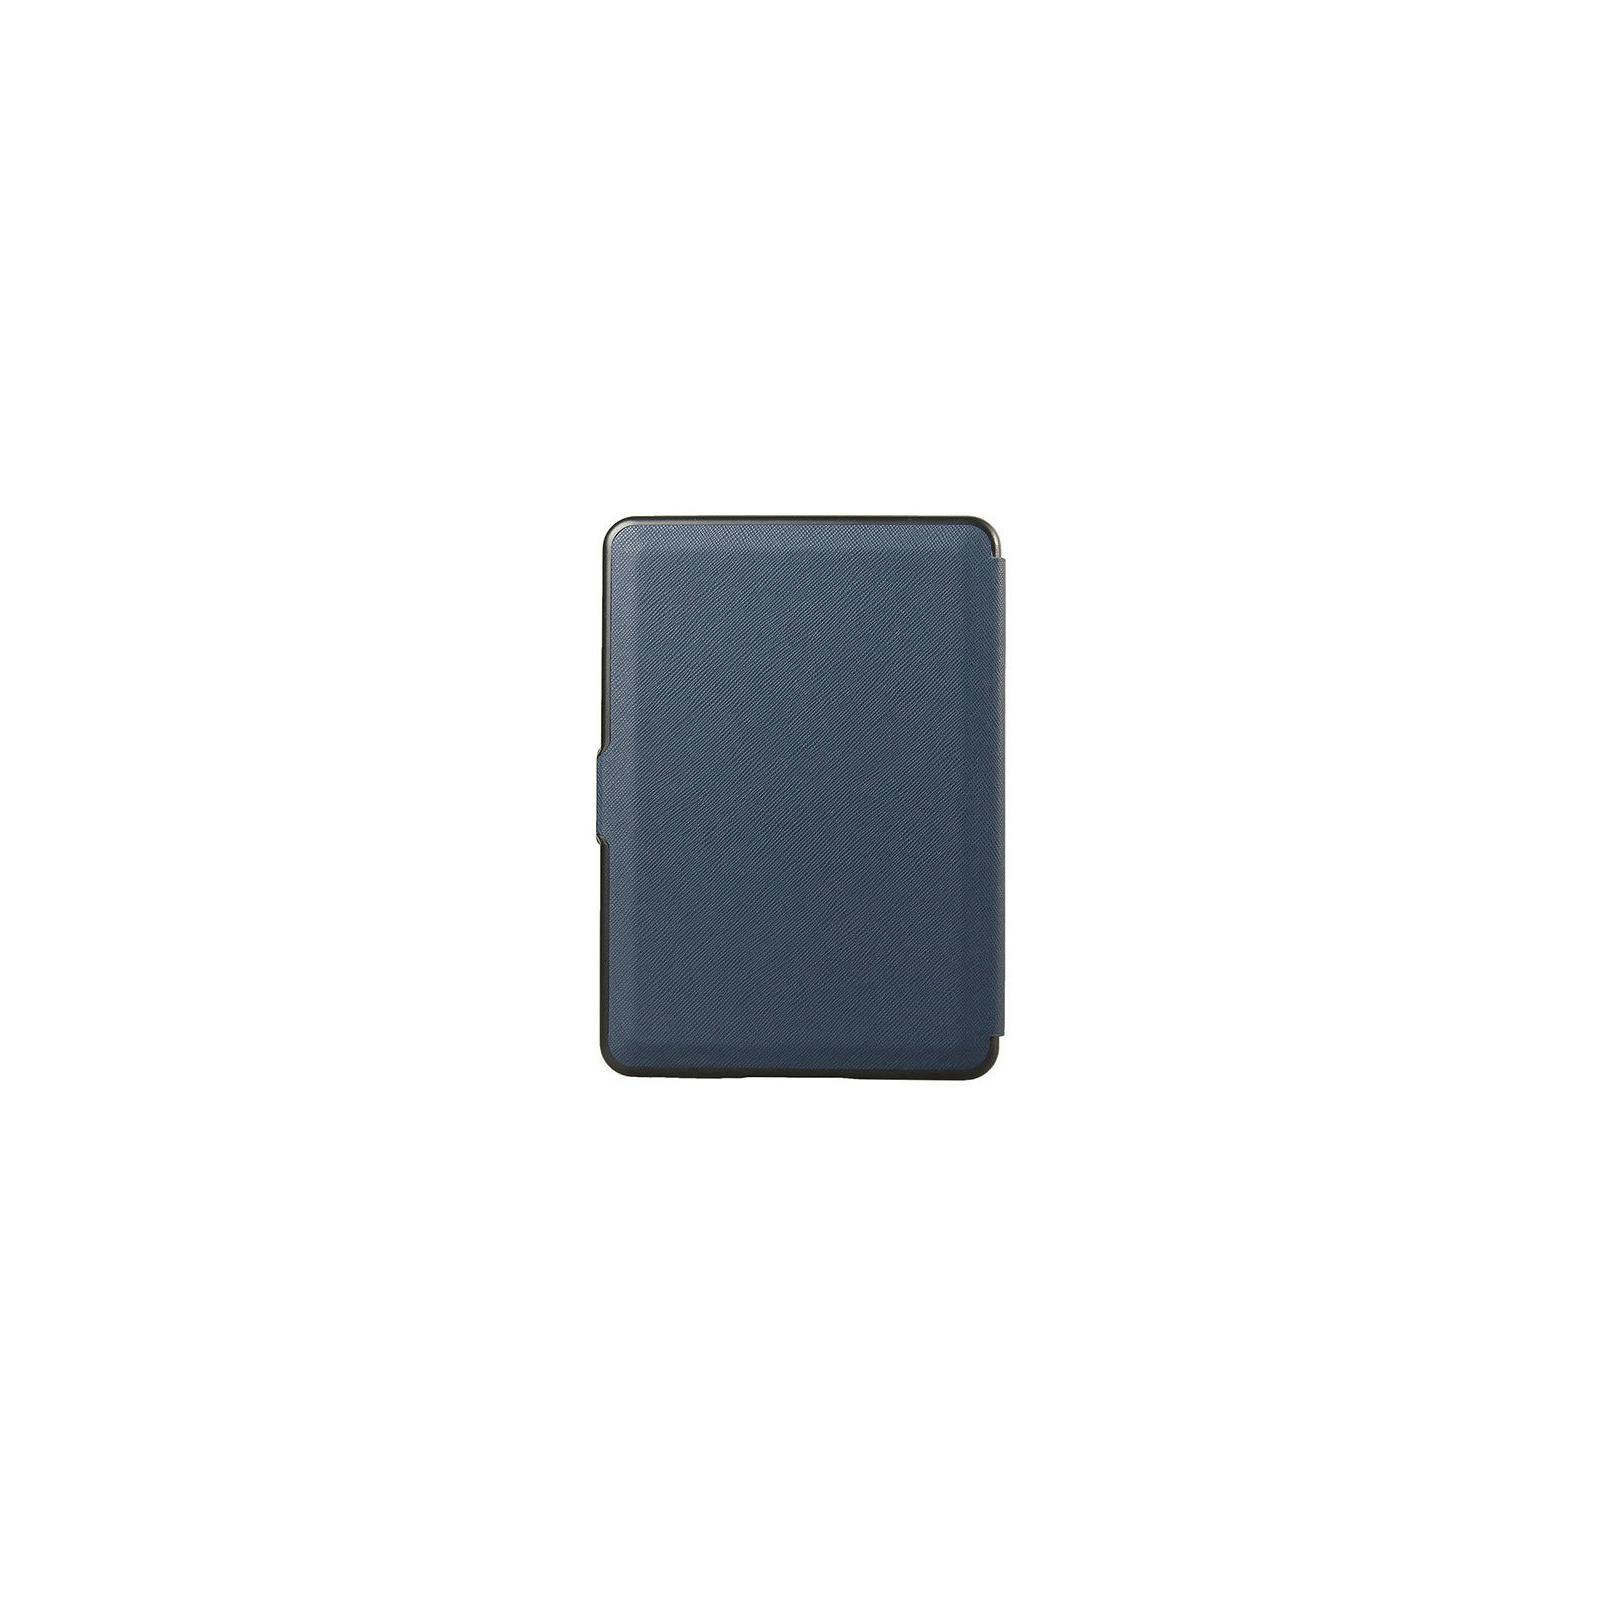 Чехол для электронной книги AirOn для Amazon Kindle 6 blue (4822356754493) изображение 2